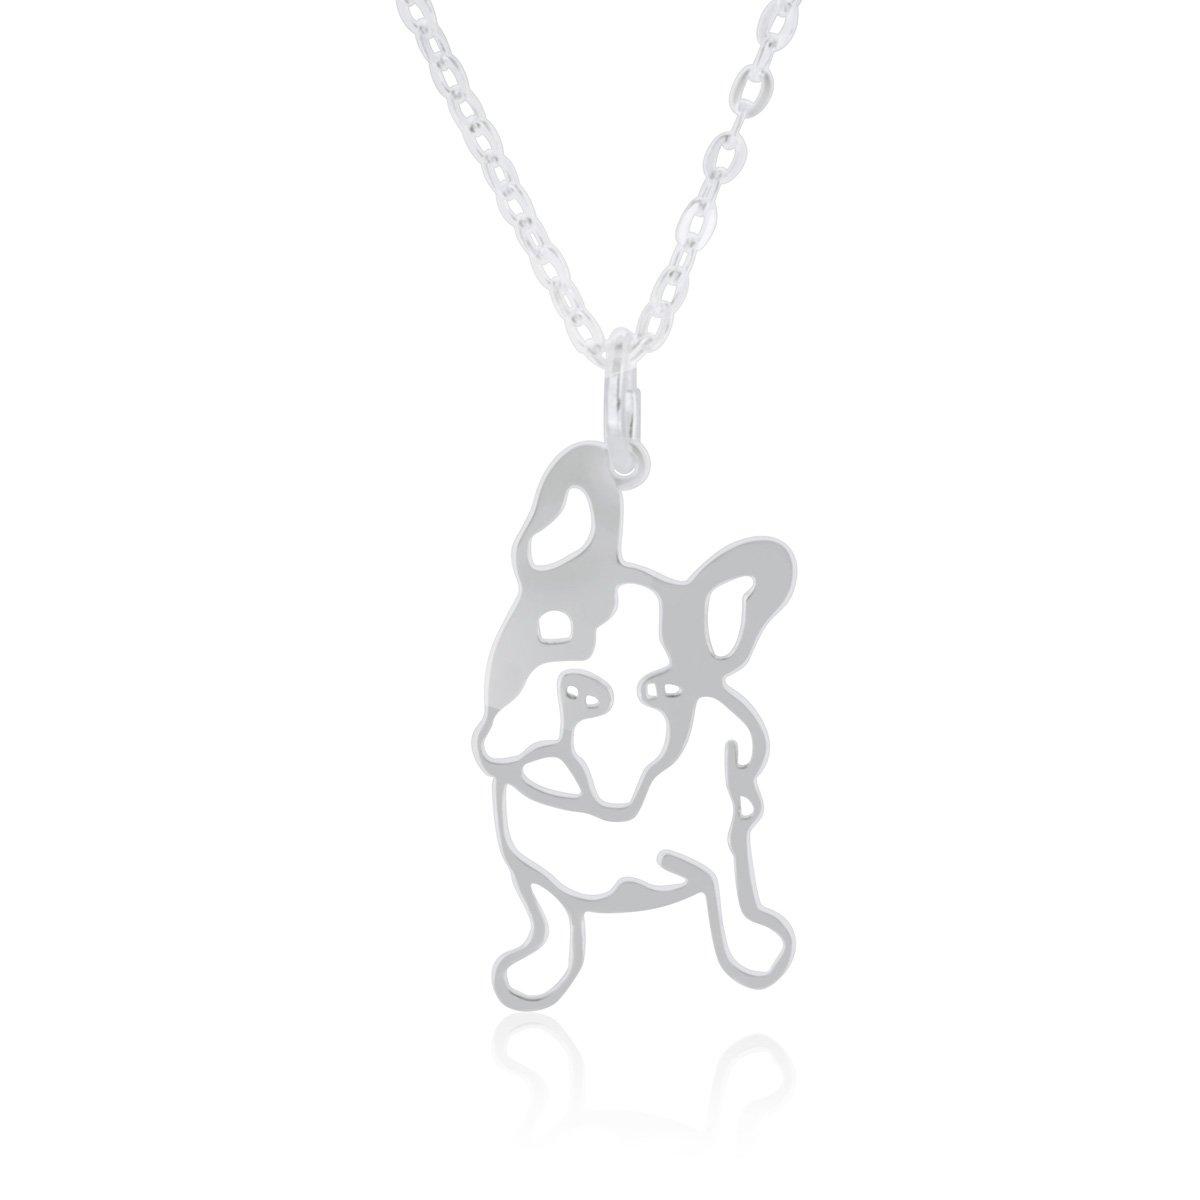 Halskette French Bulldog (Franzö sische Bulldogge) fü r Damen, Junge Mä dchen, hergestellt aus 925 Sterling Silber, Anhä nger Hund mit 40cm Kette, in Geschenkbox WANDA PLATA 953